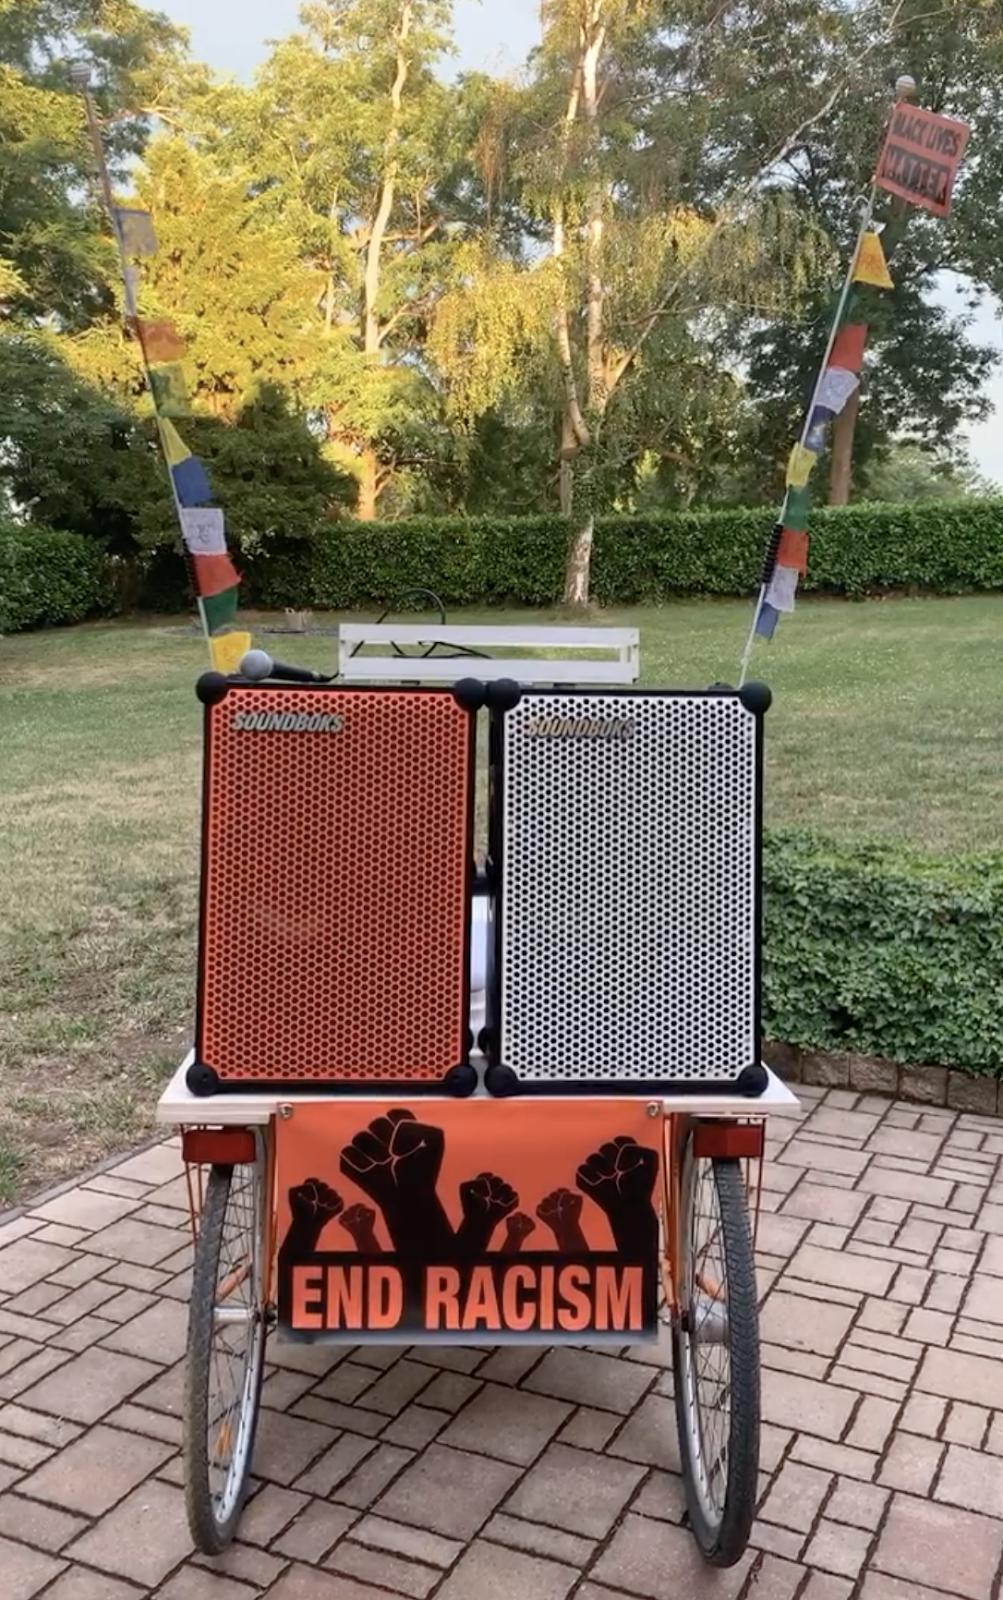 2 SOUNDBOKS speakers on a Rickshaw